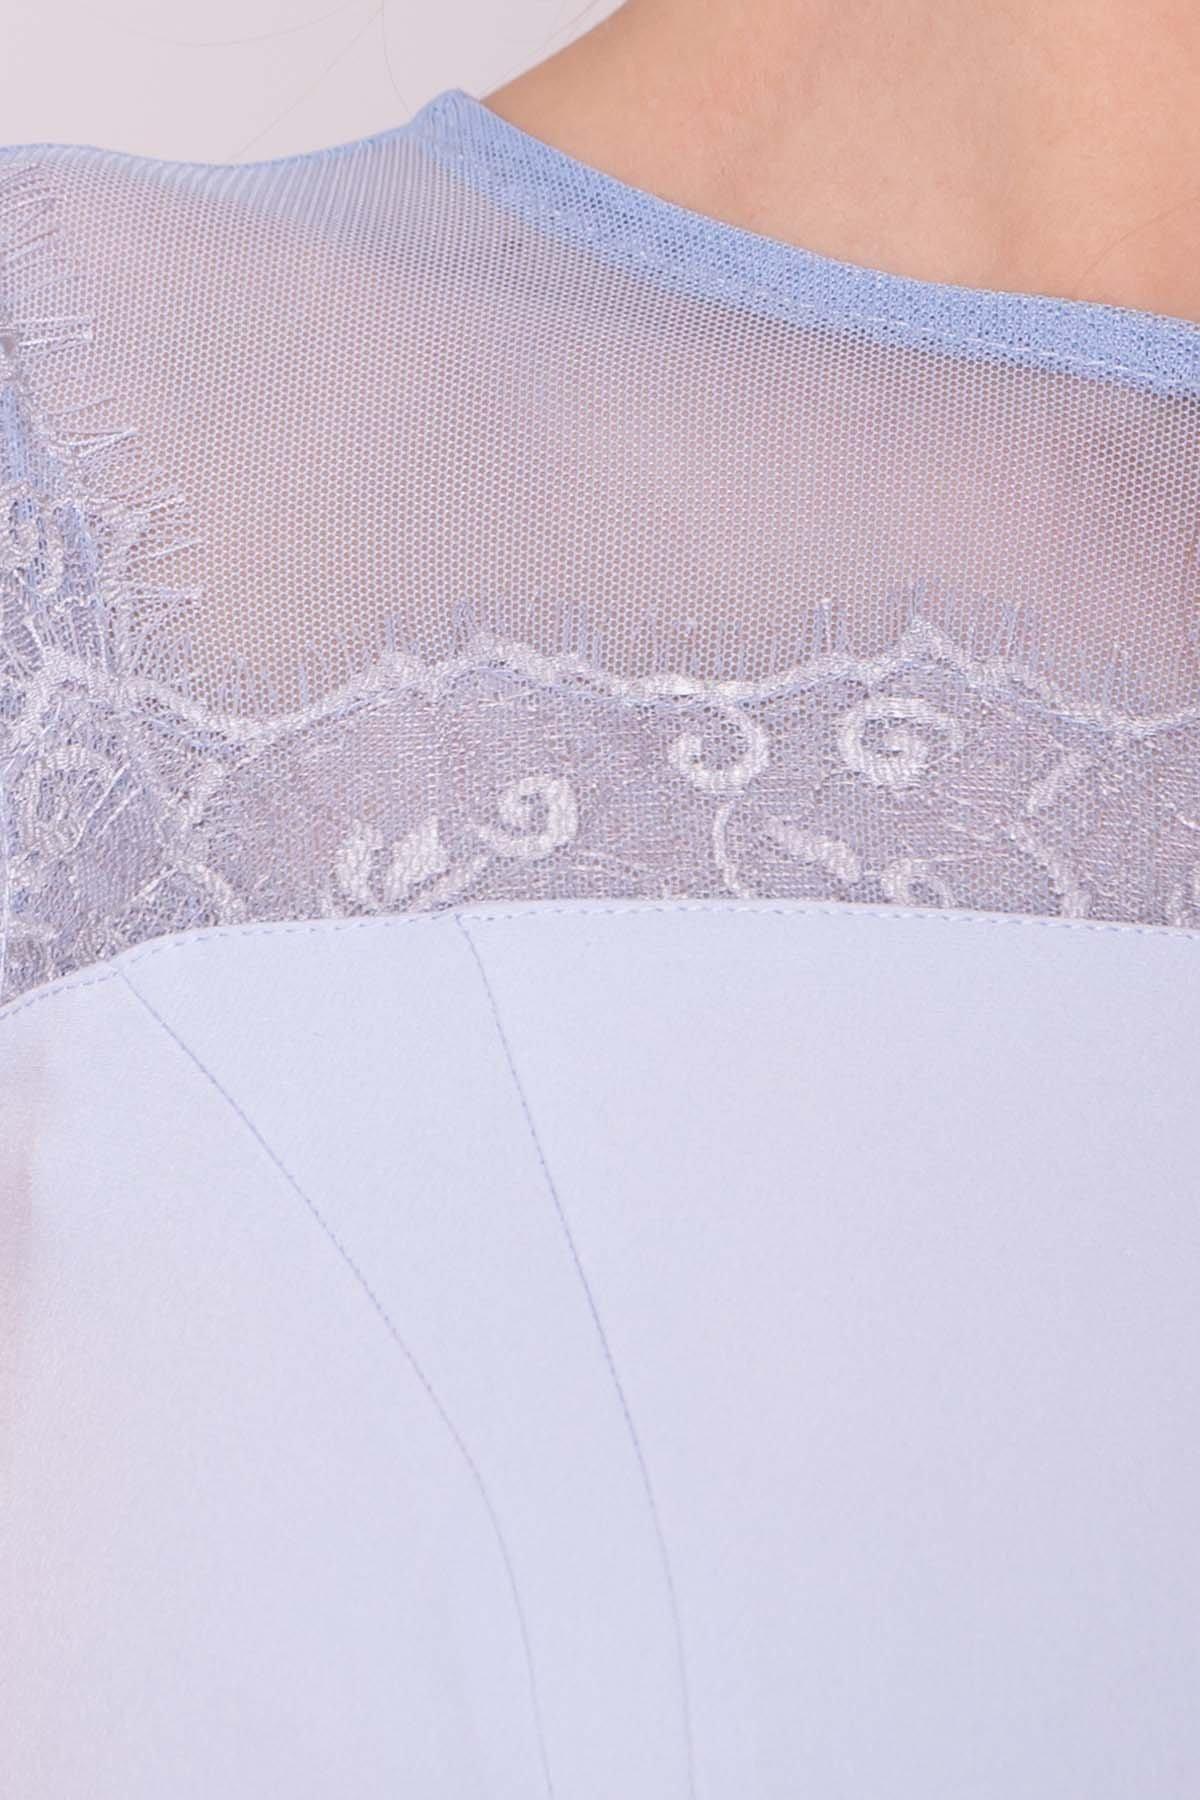 Платье Зарина 6989 АРТ. 42521 Цвет: Голубой 79 - фото 4, интернет магазин tm-modus.ru